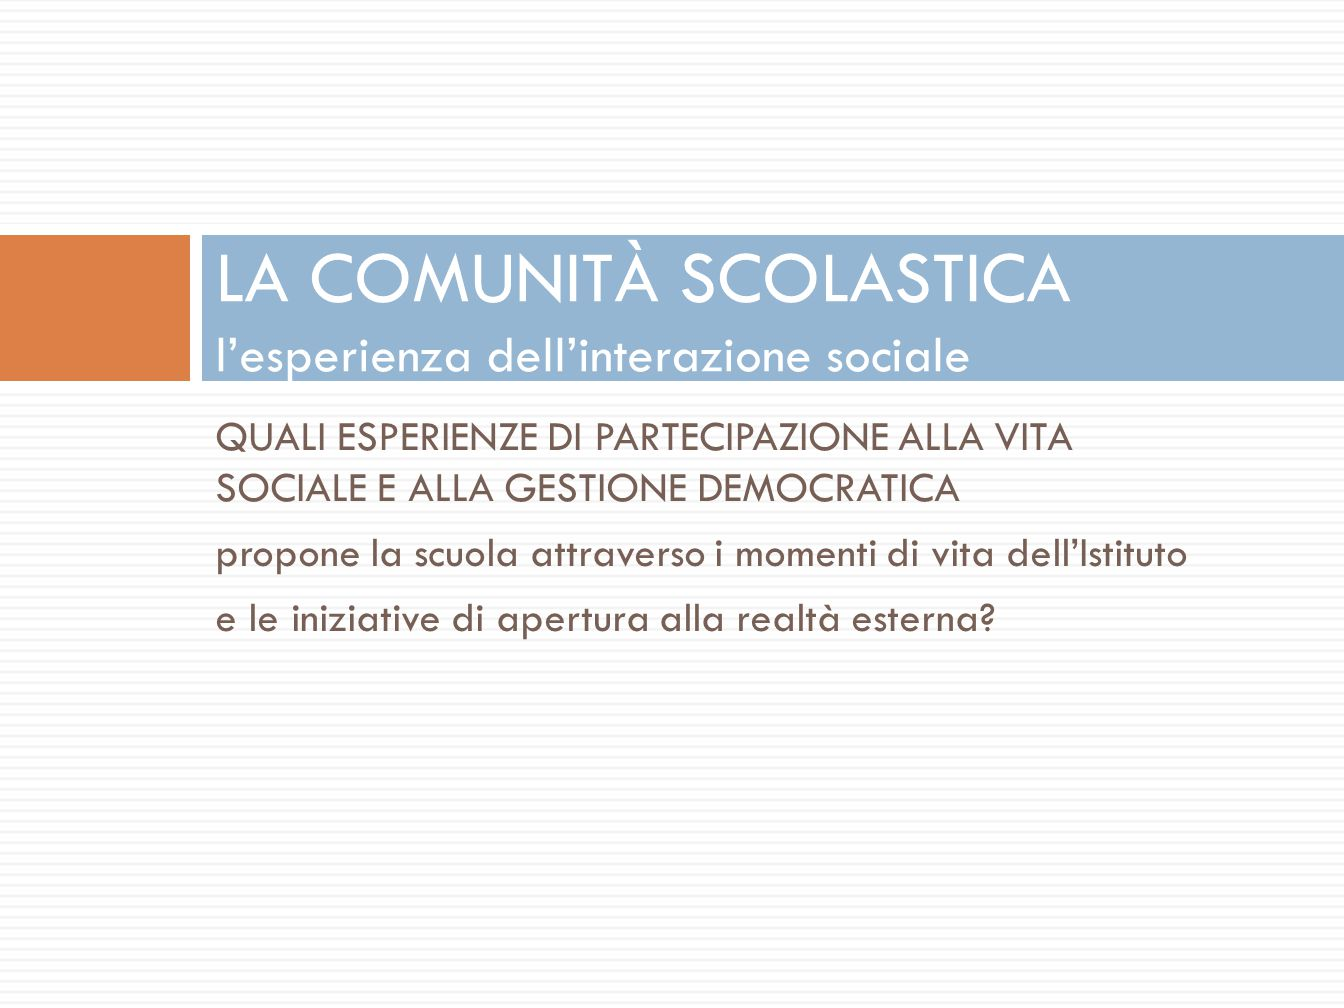 QUALI ESPERIENZE DI PARTECIPAZIONE ALLA VITA SOCIALE E ALLA GESTIONE DEMOCRATICA propone la scuola attraverso i momenti di vita dell'Istituto e le iniziative di apertura alla realtà esterna.